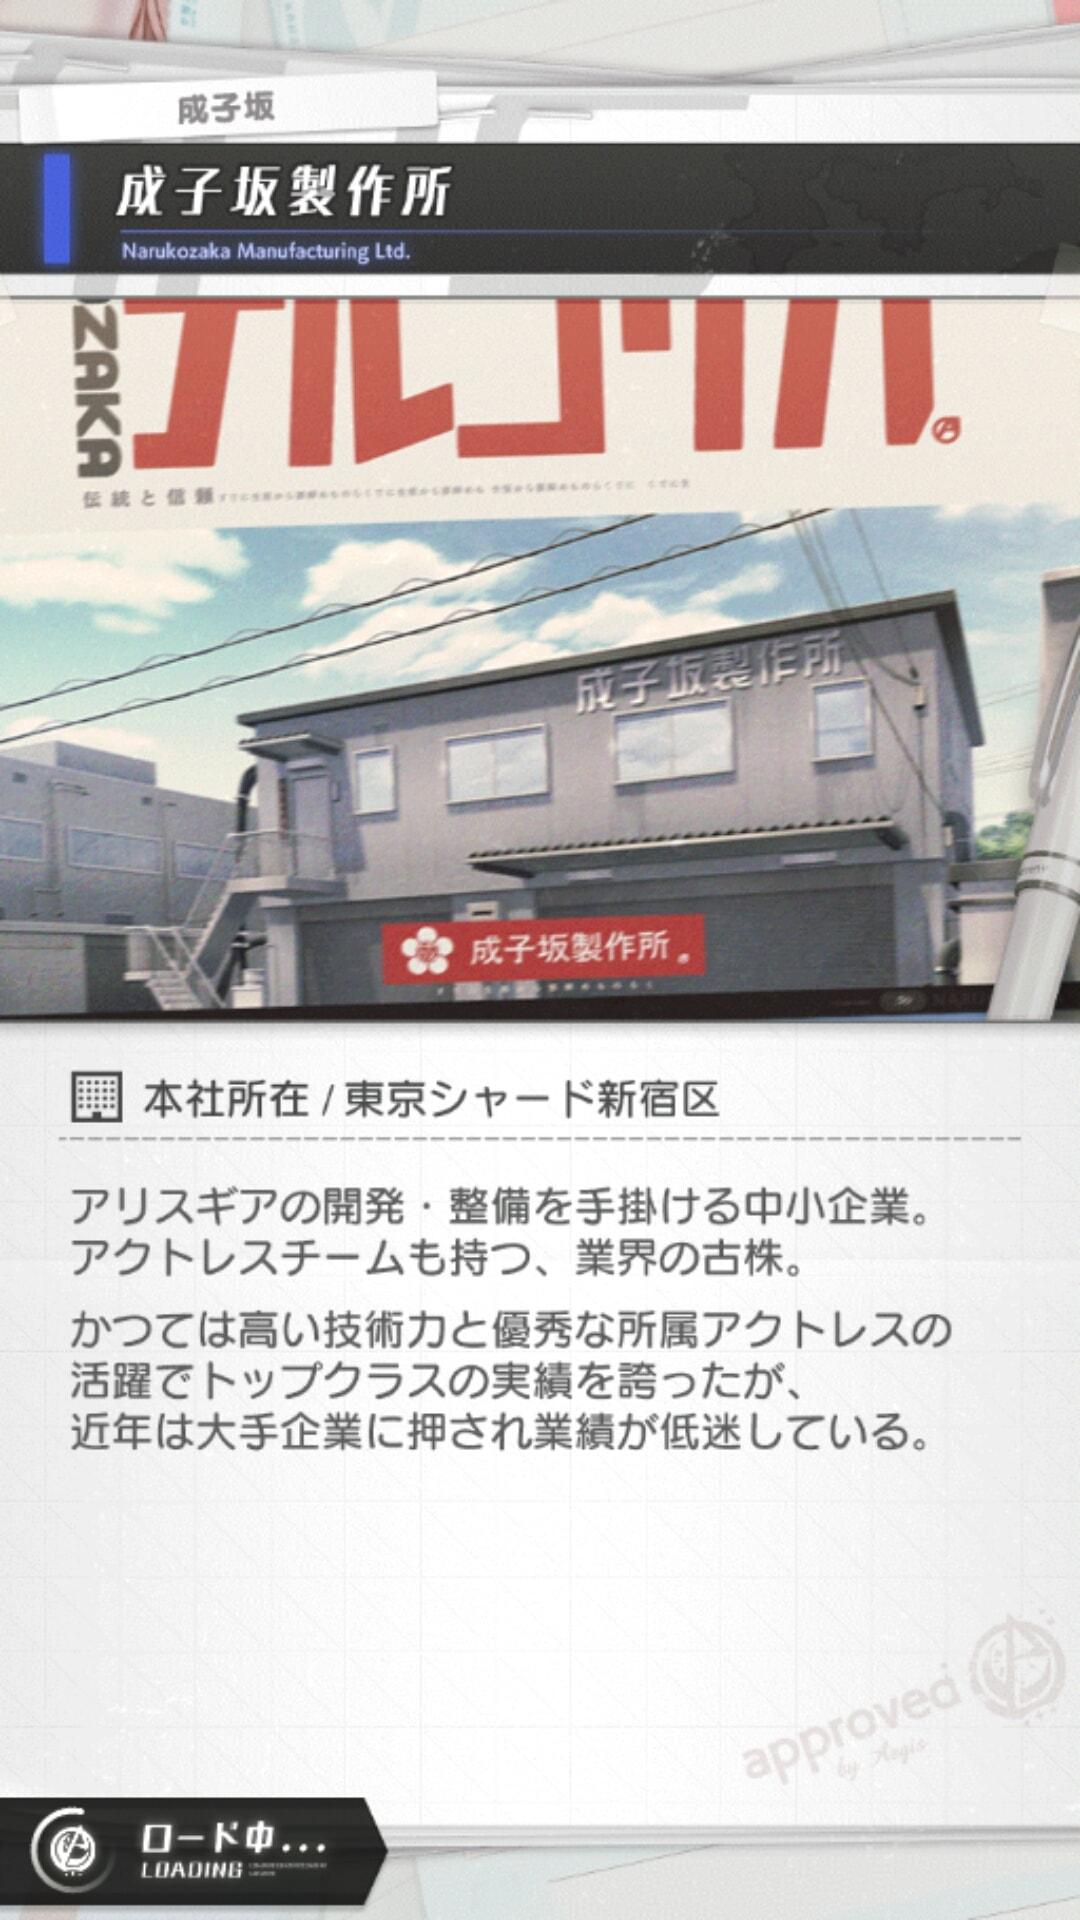 成子坂製作所.jpg